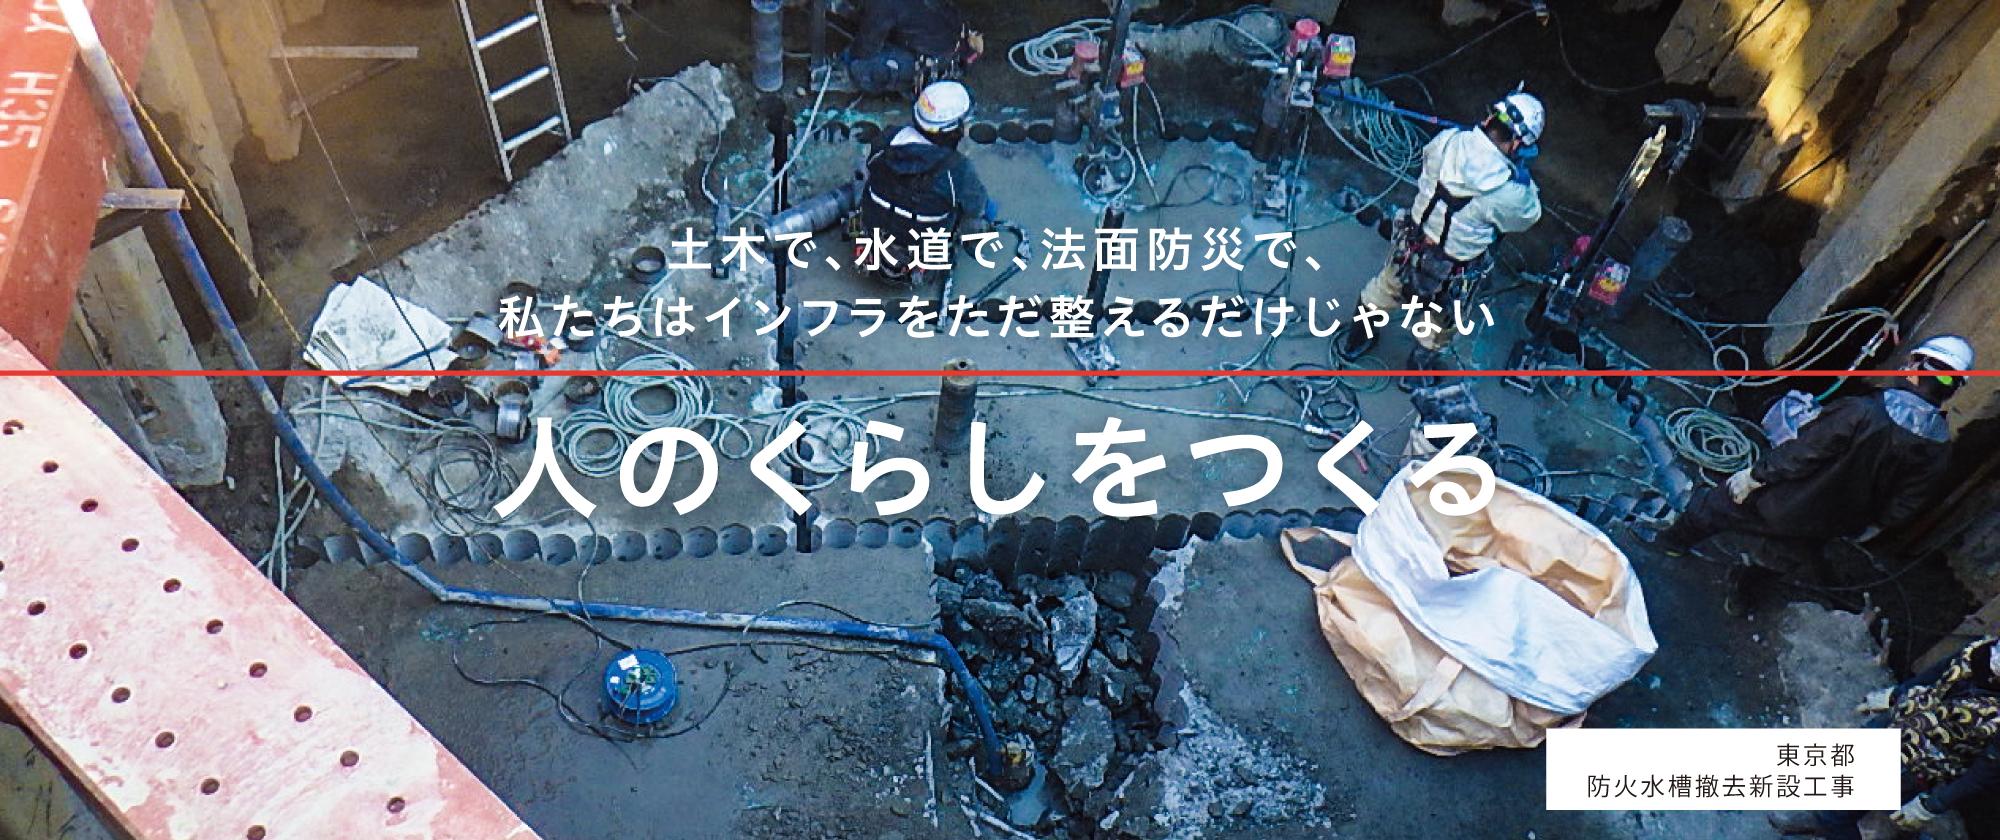 東京都 防火水槽撤去新設工事